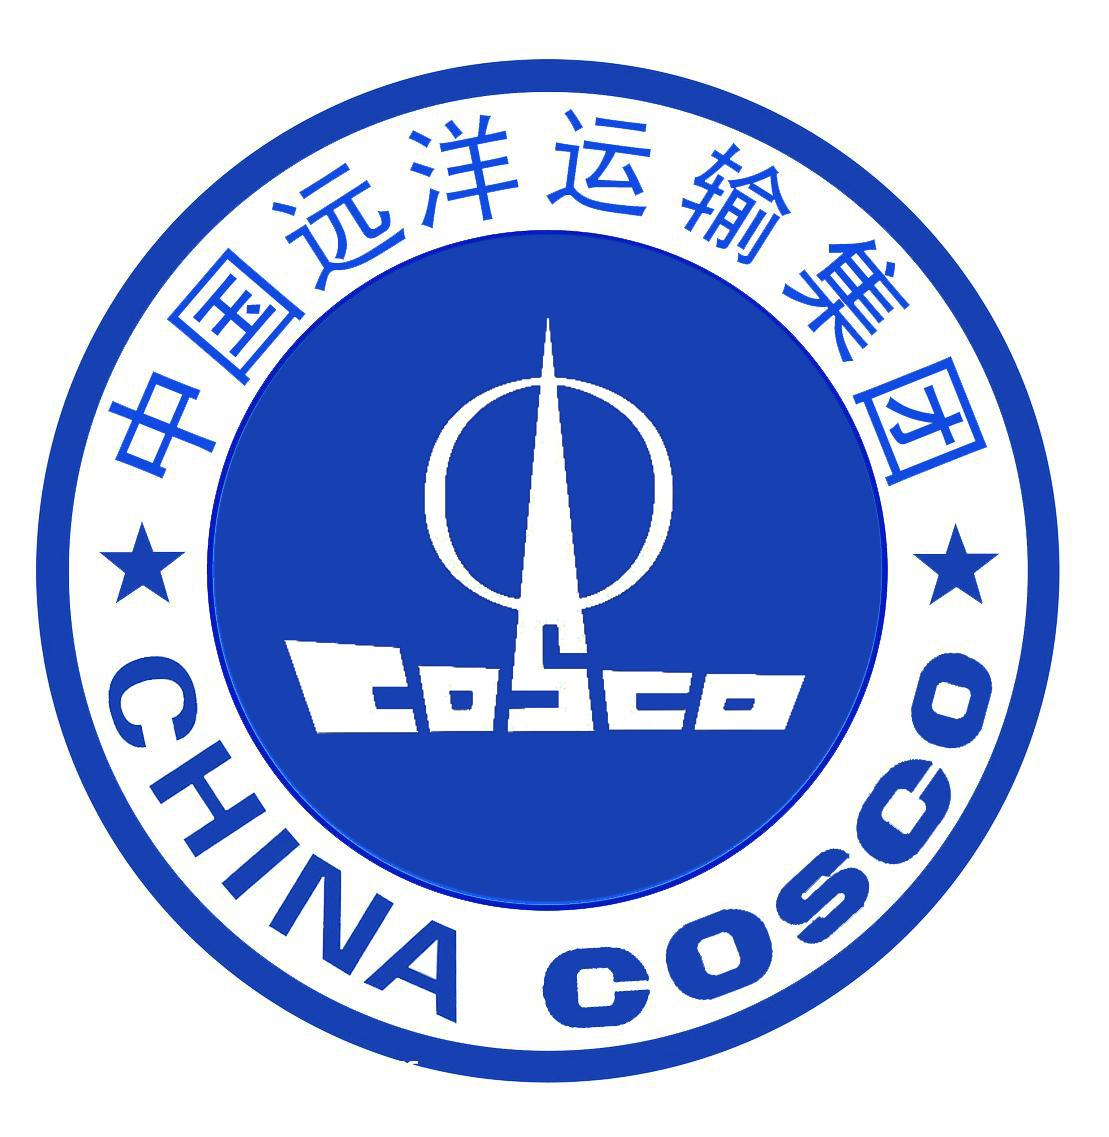 中国远洋运输公司标志